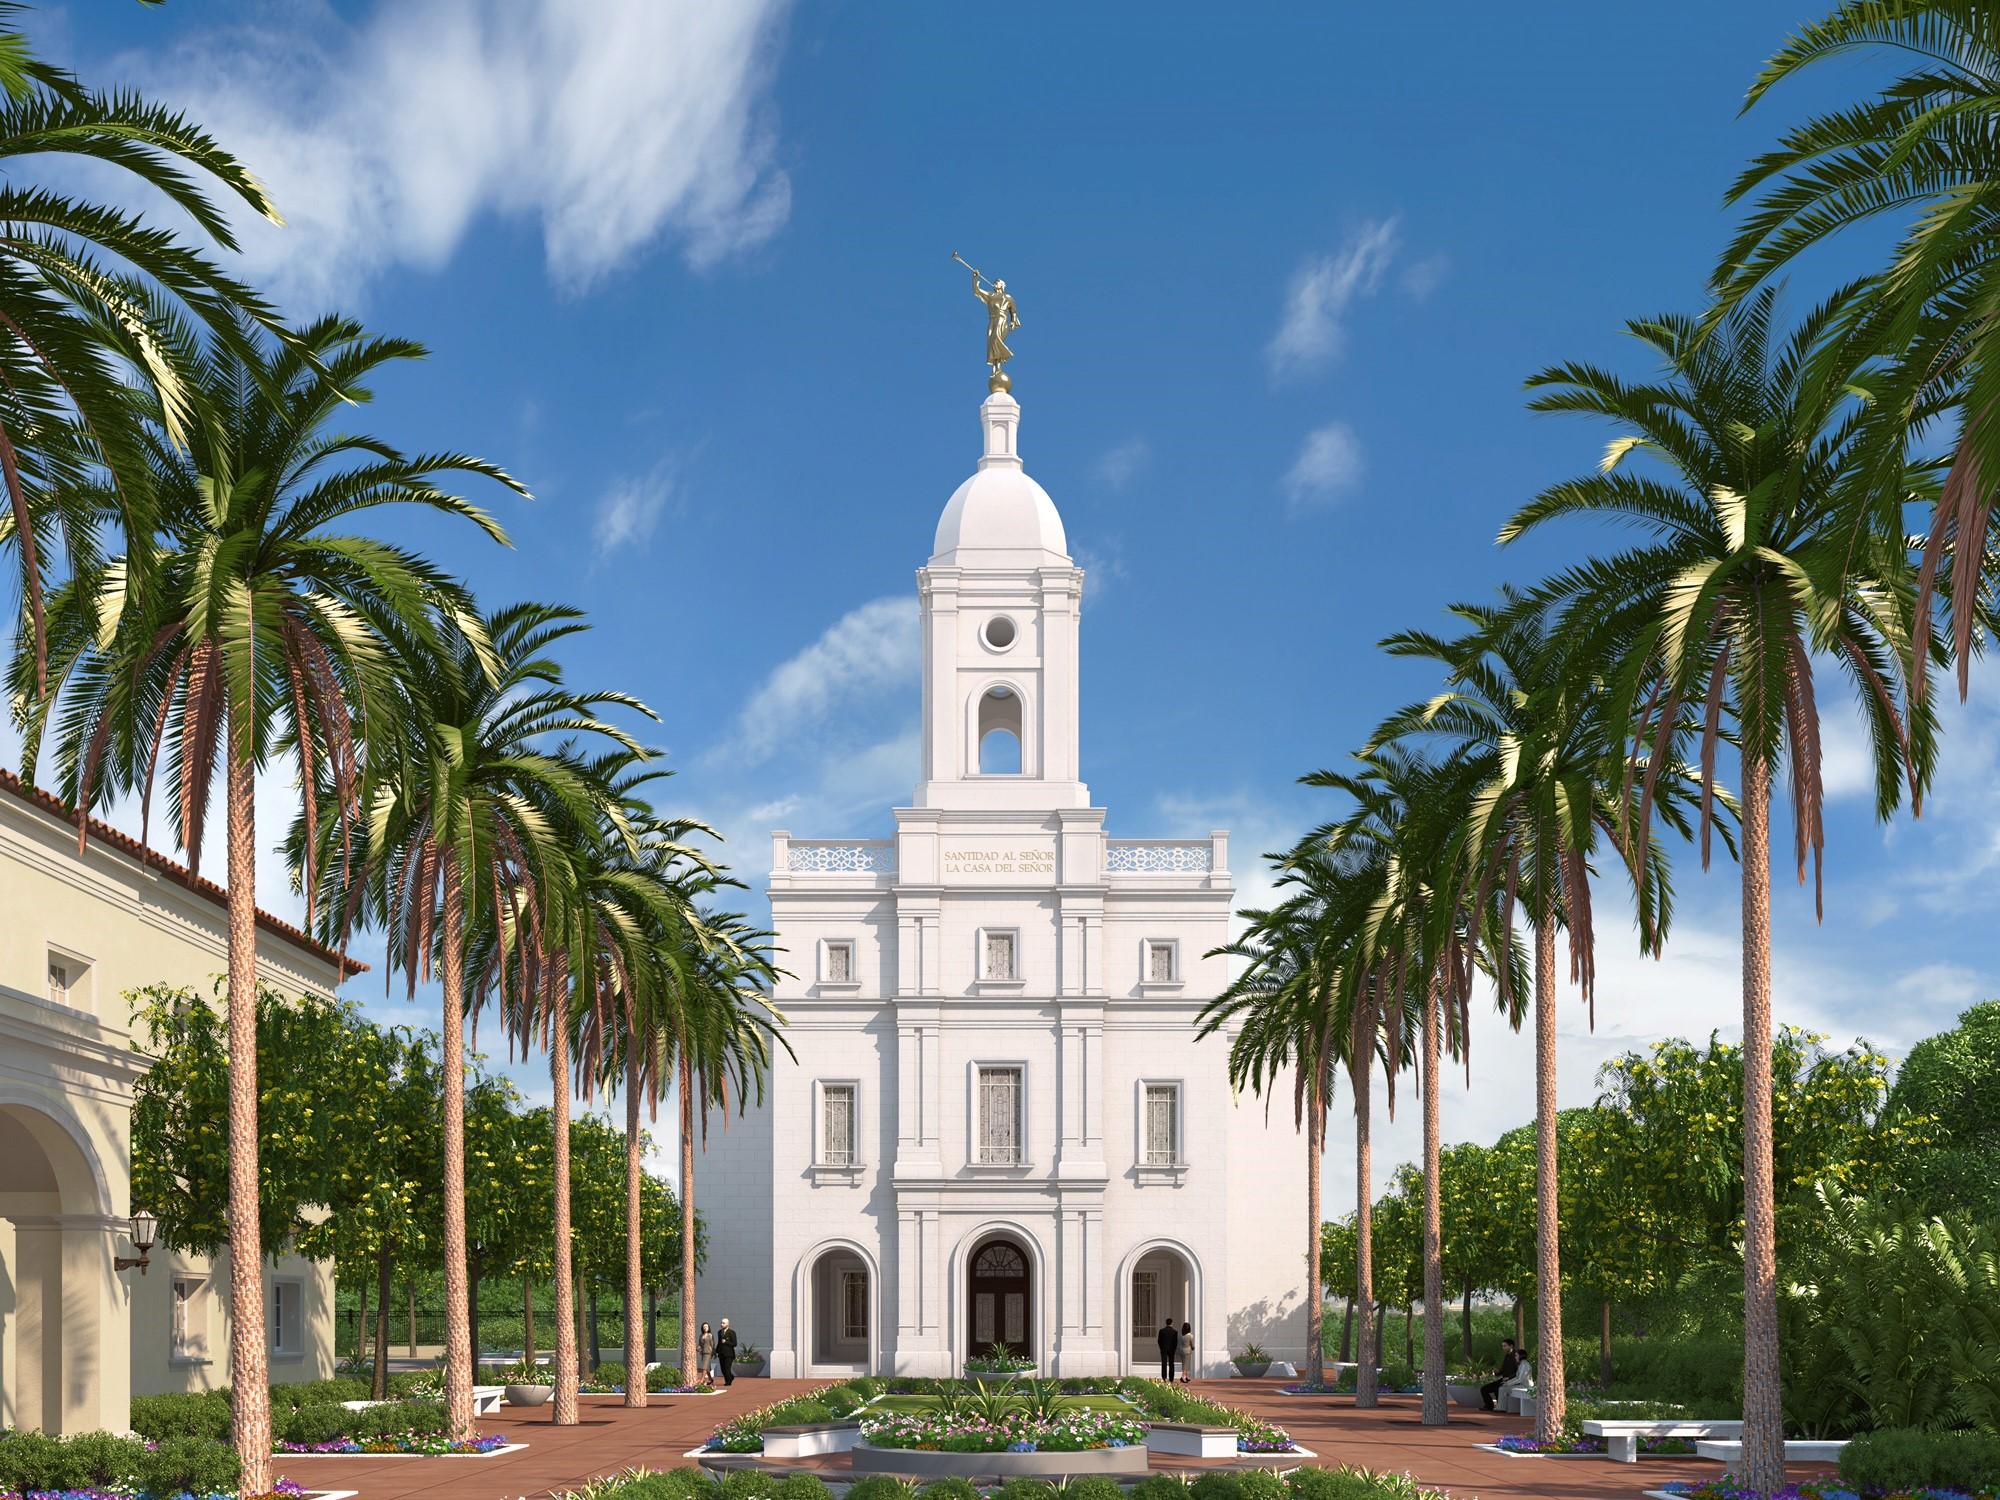 Se realizó la Primera Palada del Templo en Barranquilla, Colombia